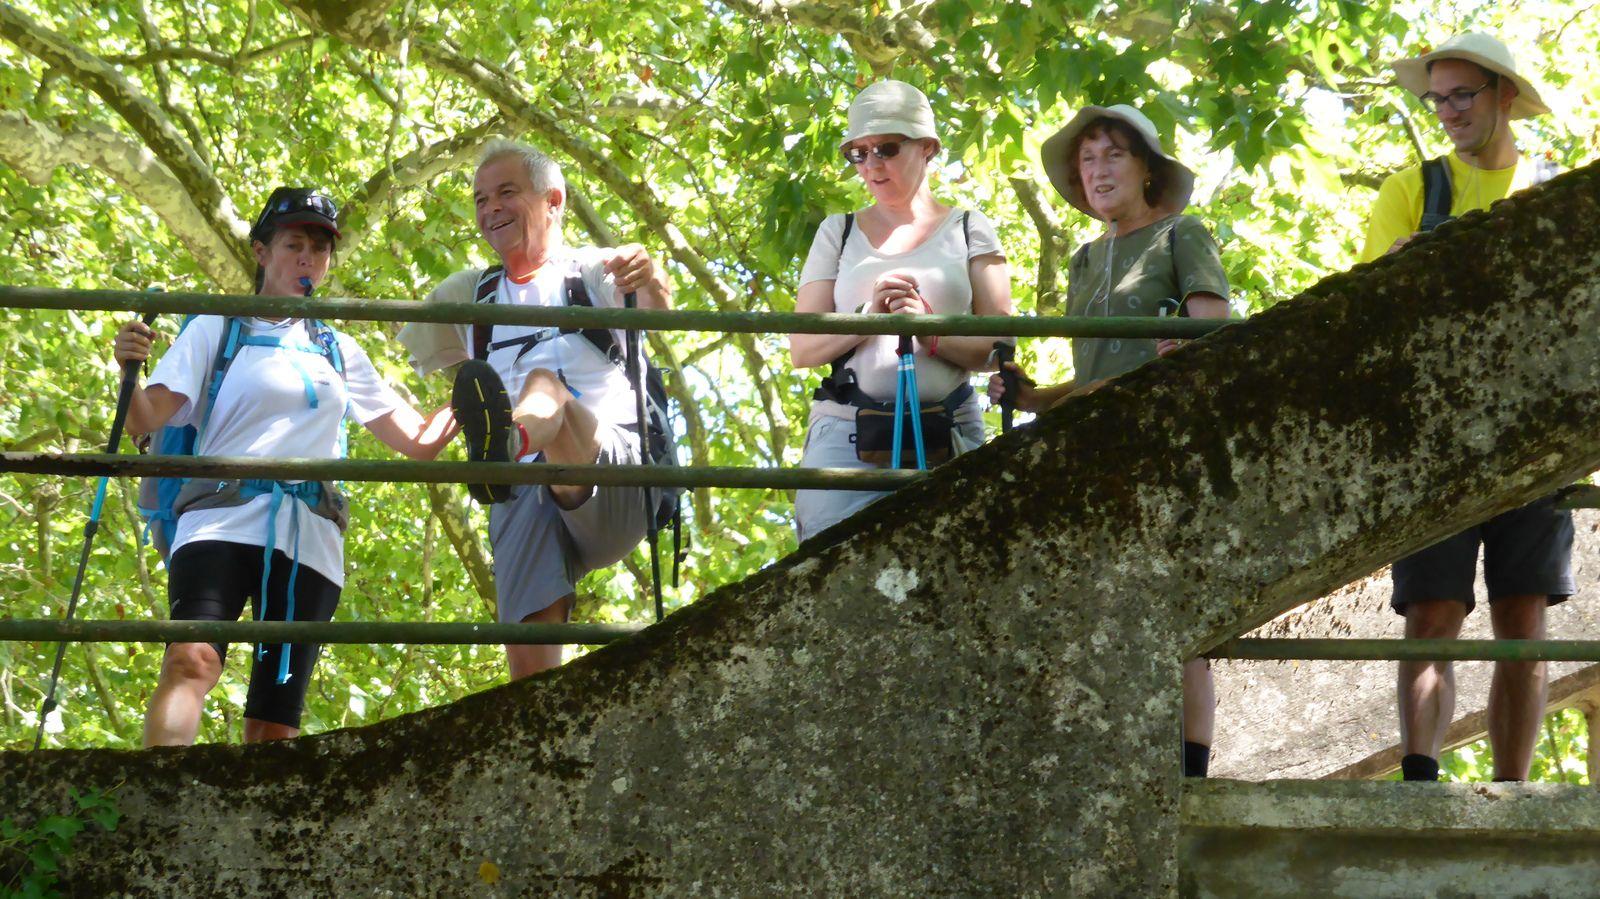 Quelques étirements pour soulager la jambe de Jean-Paul toujours sur le pont et le groupe attend sagement à côté.